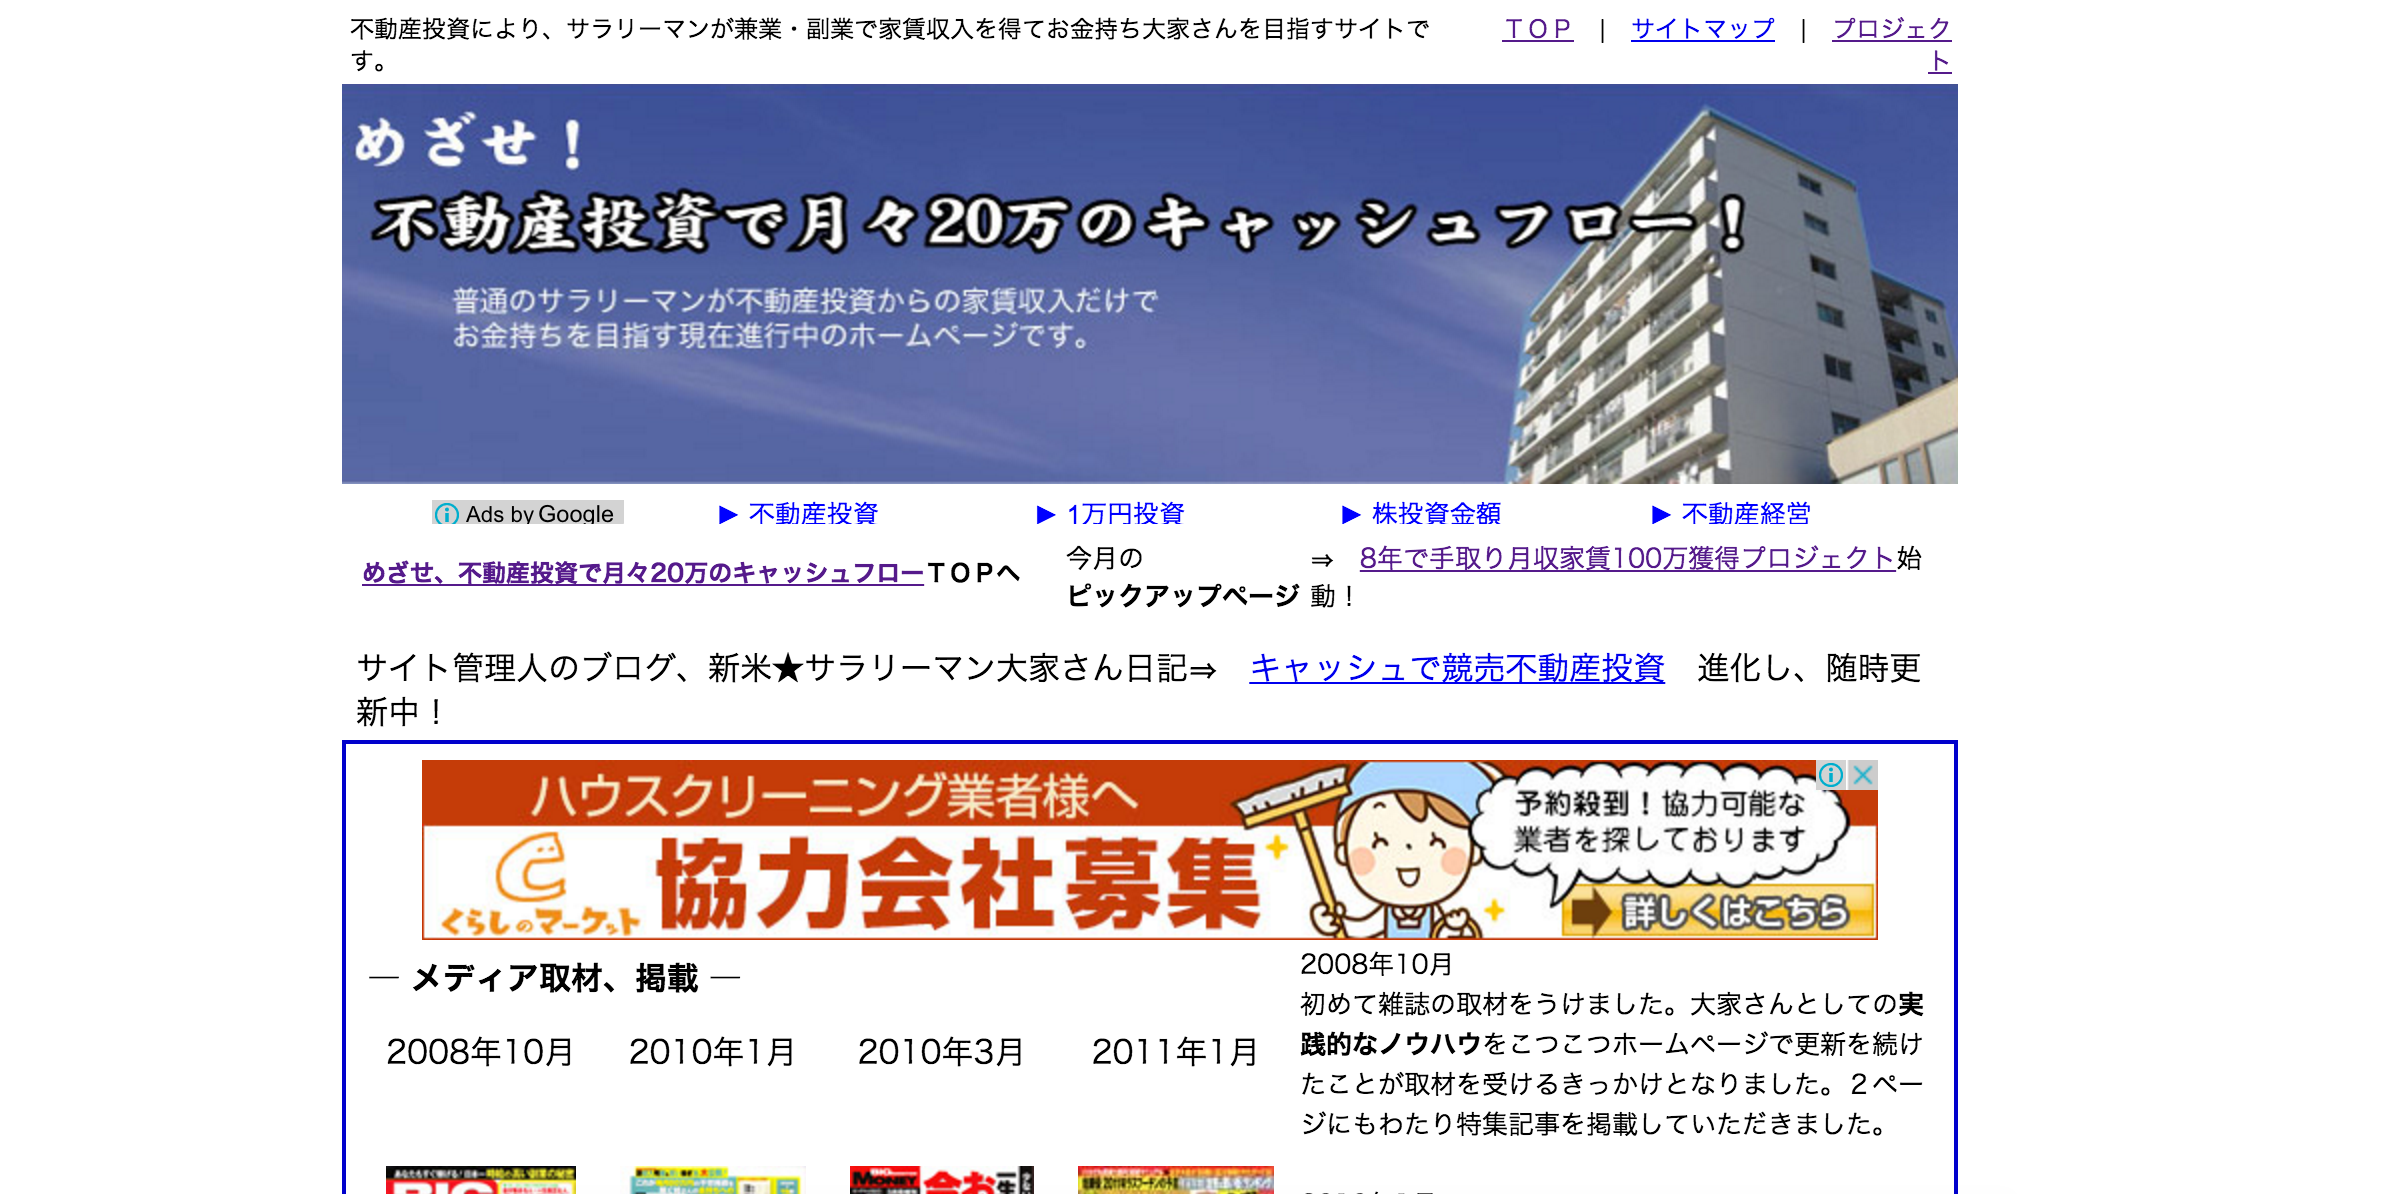 スクリーンショット 2015-10-23 0.37.29